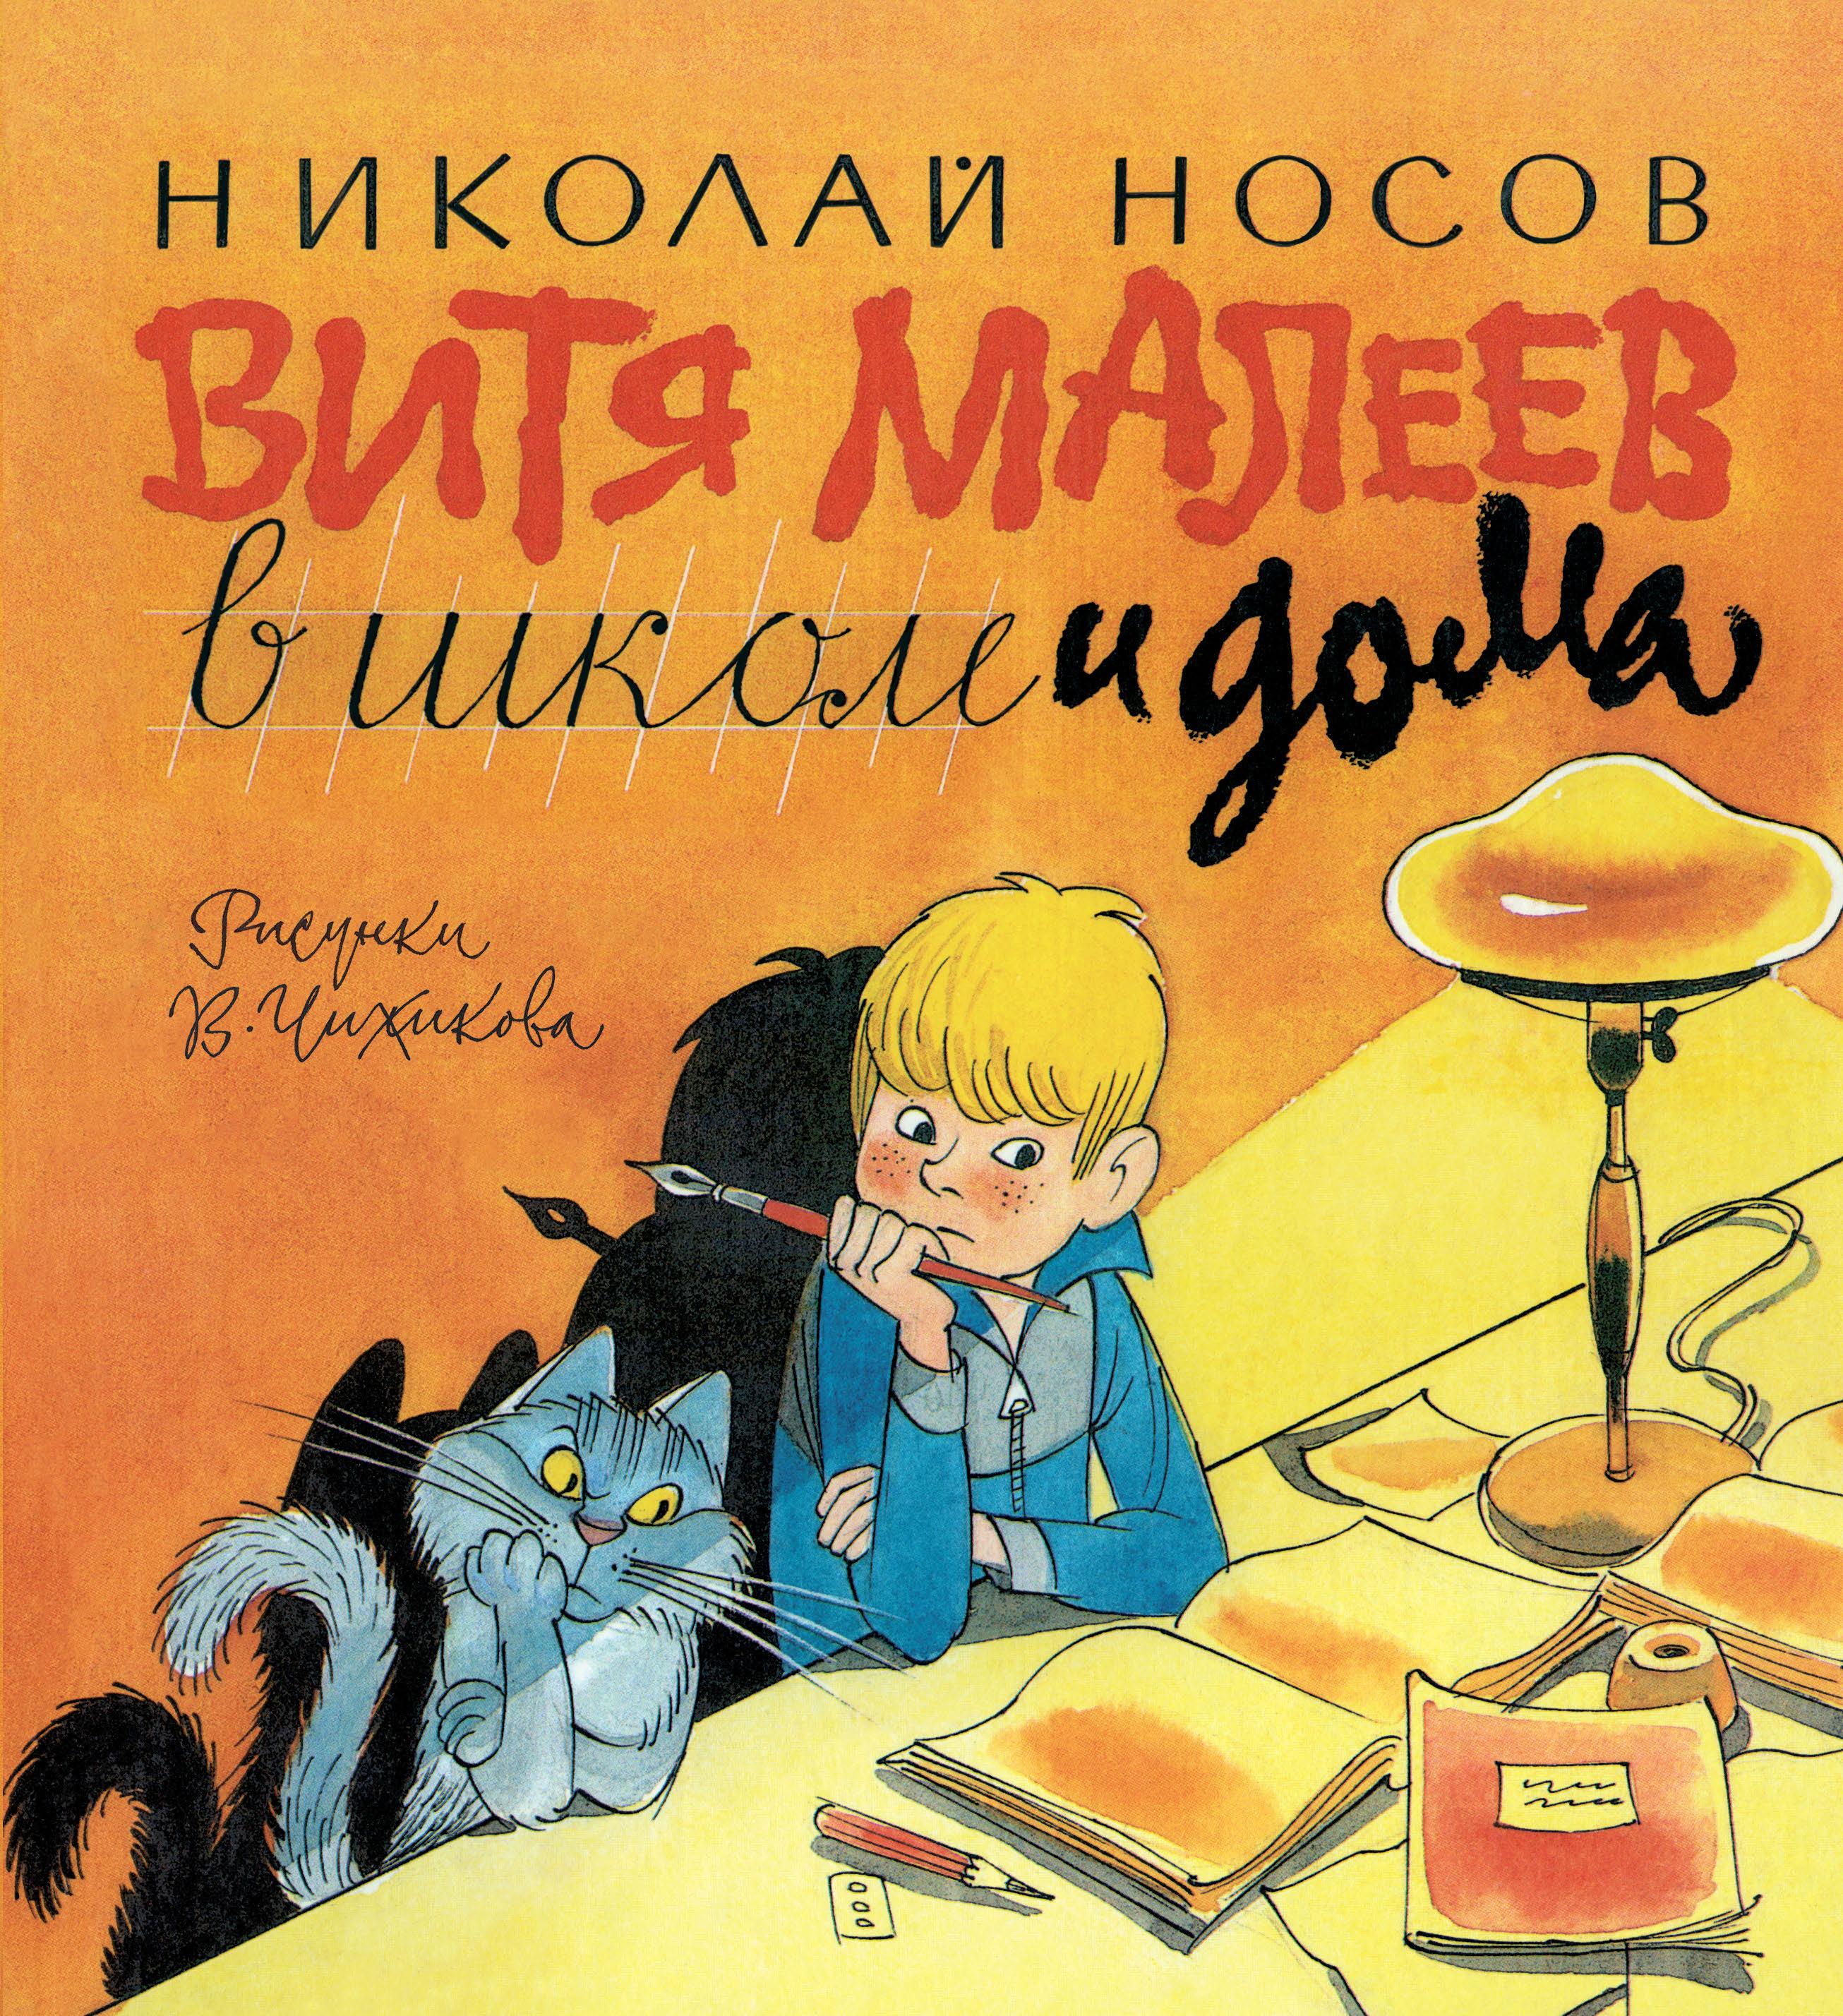 Носов Н. Витя Малеев в школе и дома татьяна алюшина счастье среднего возраста